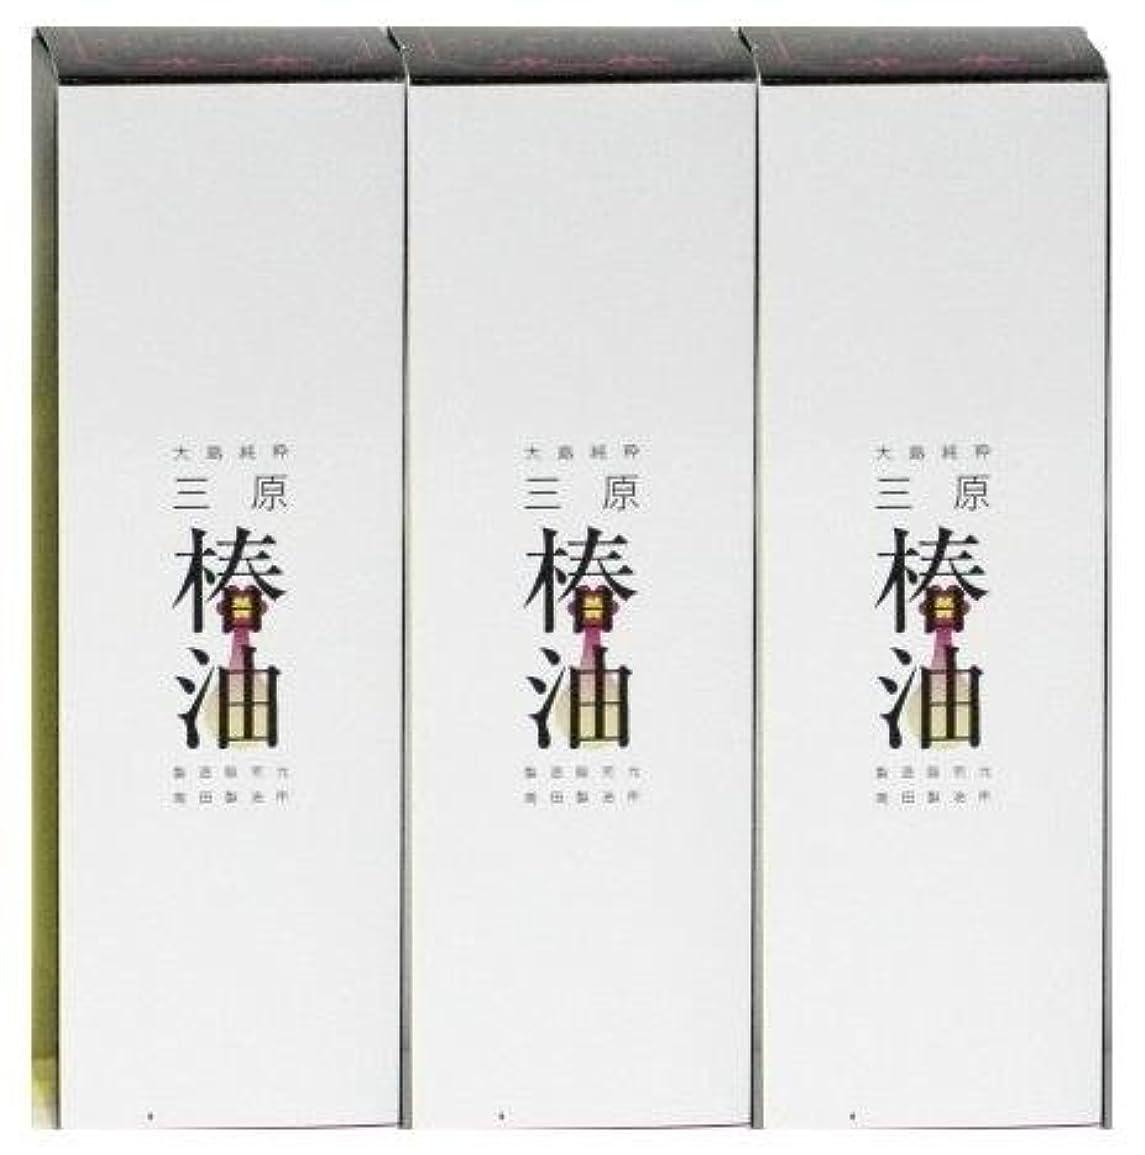 プレビュー作動するあざ【伊豆大島のヤブ椿100%】大島純粋三原椿油 150mL×3個セット